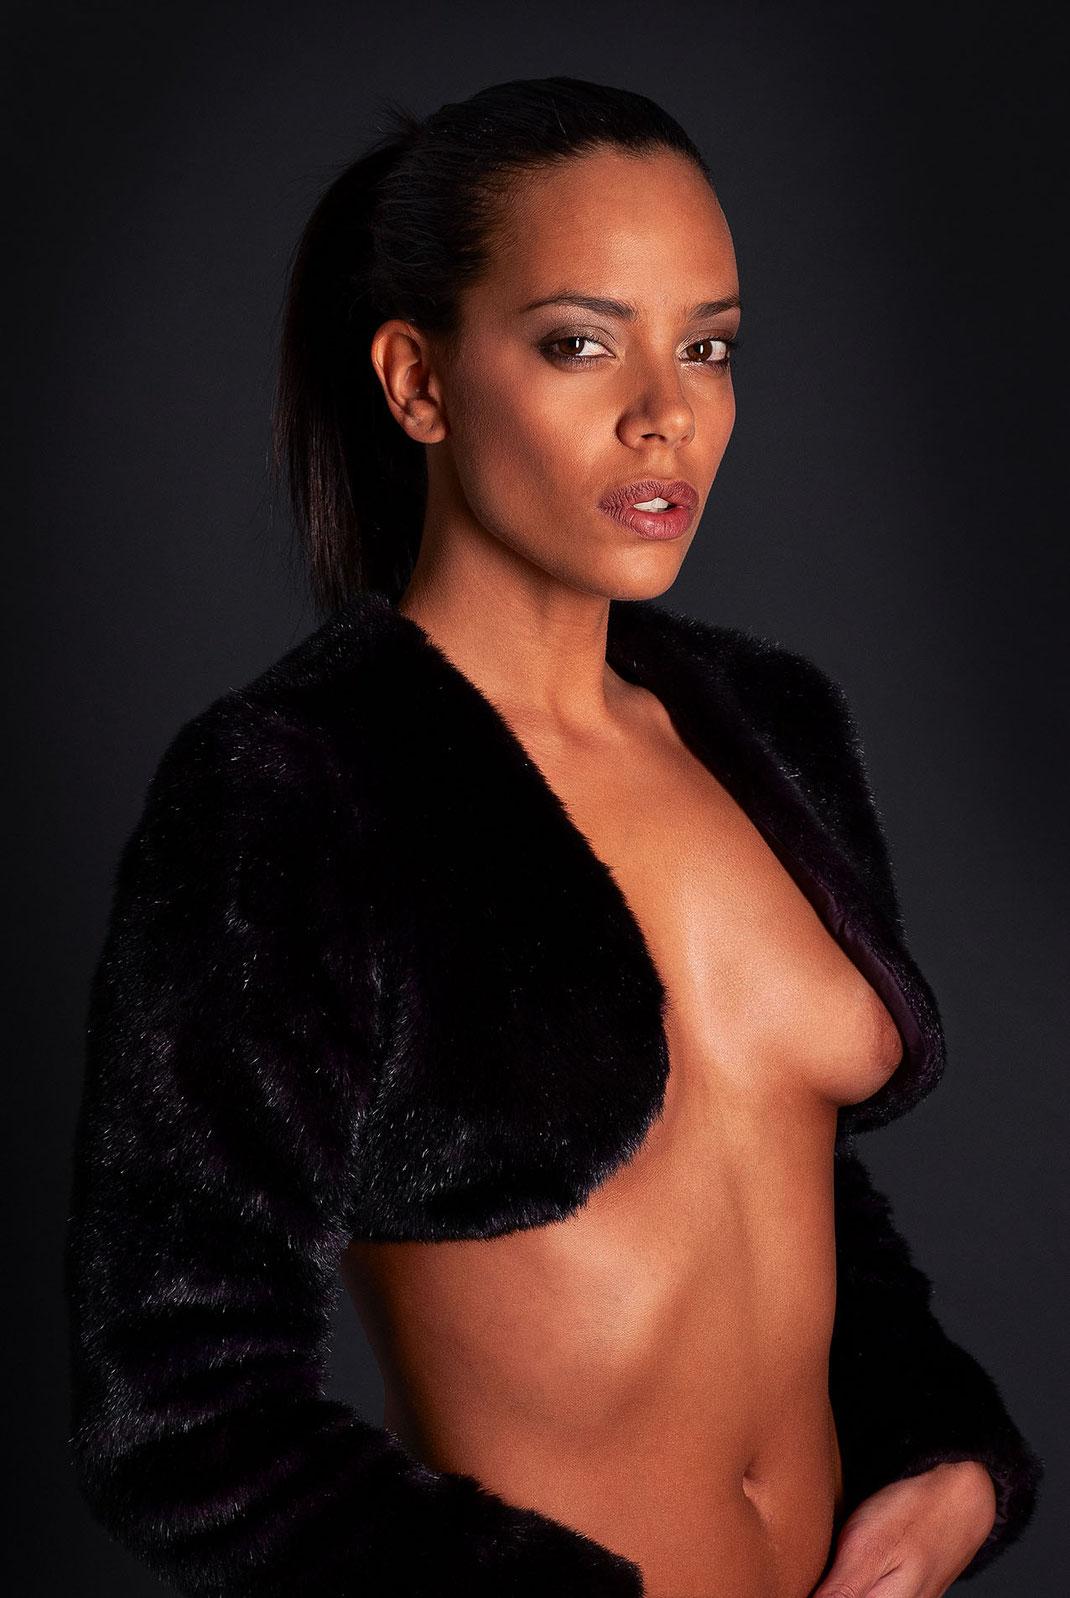 Portrait und Fine Art Nude Aufnahme von Martin Boelt Photography